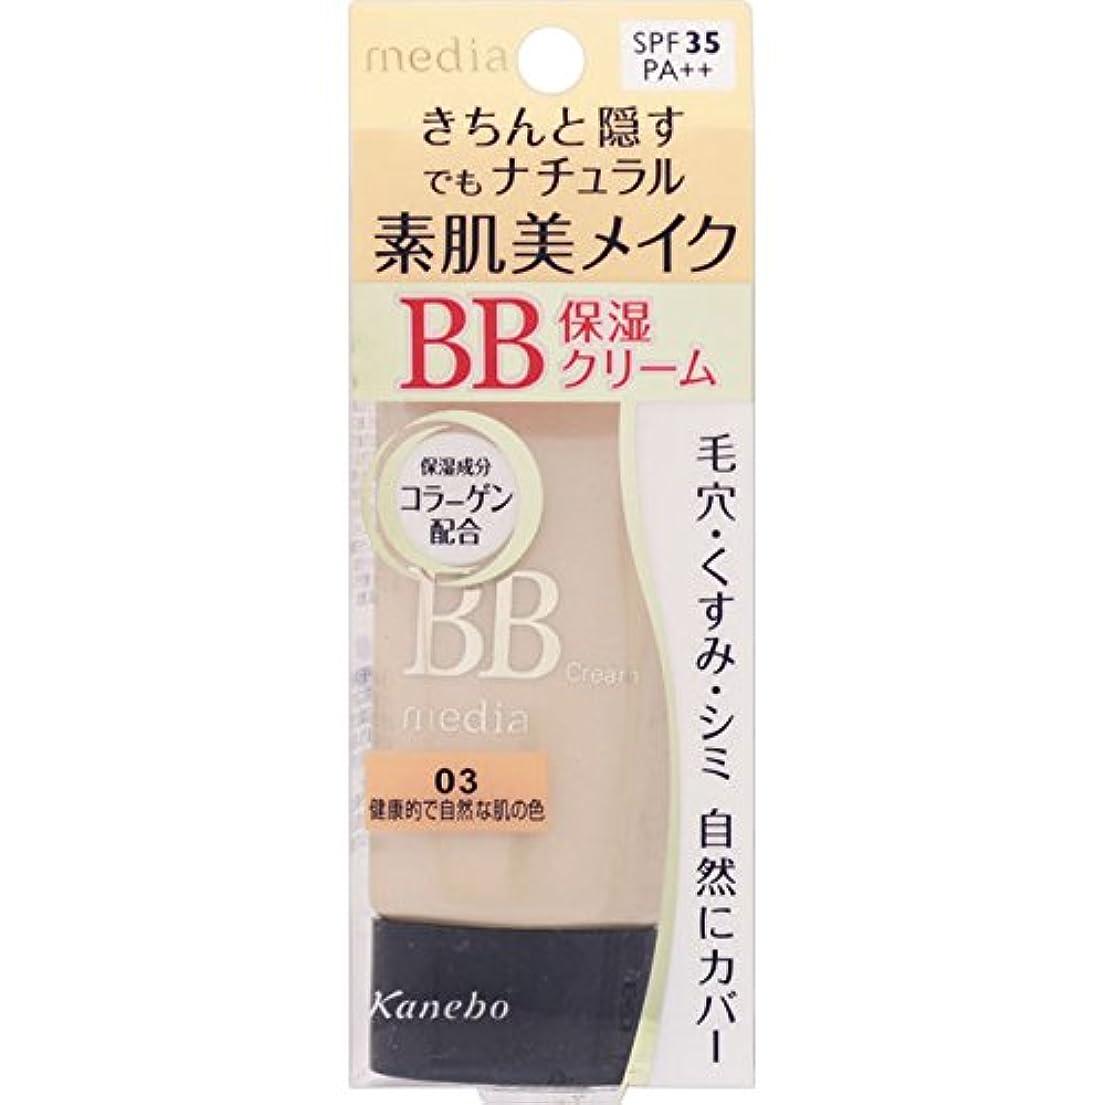 姉妹軽食有用カネボウ メディア BBクリームN 03 SPF35?PA++